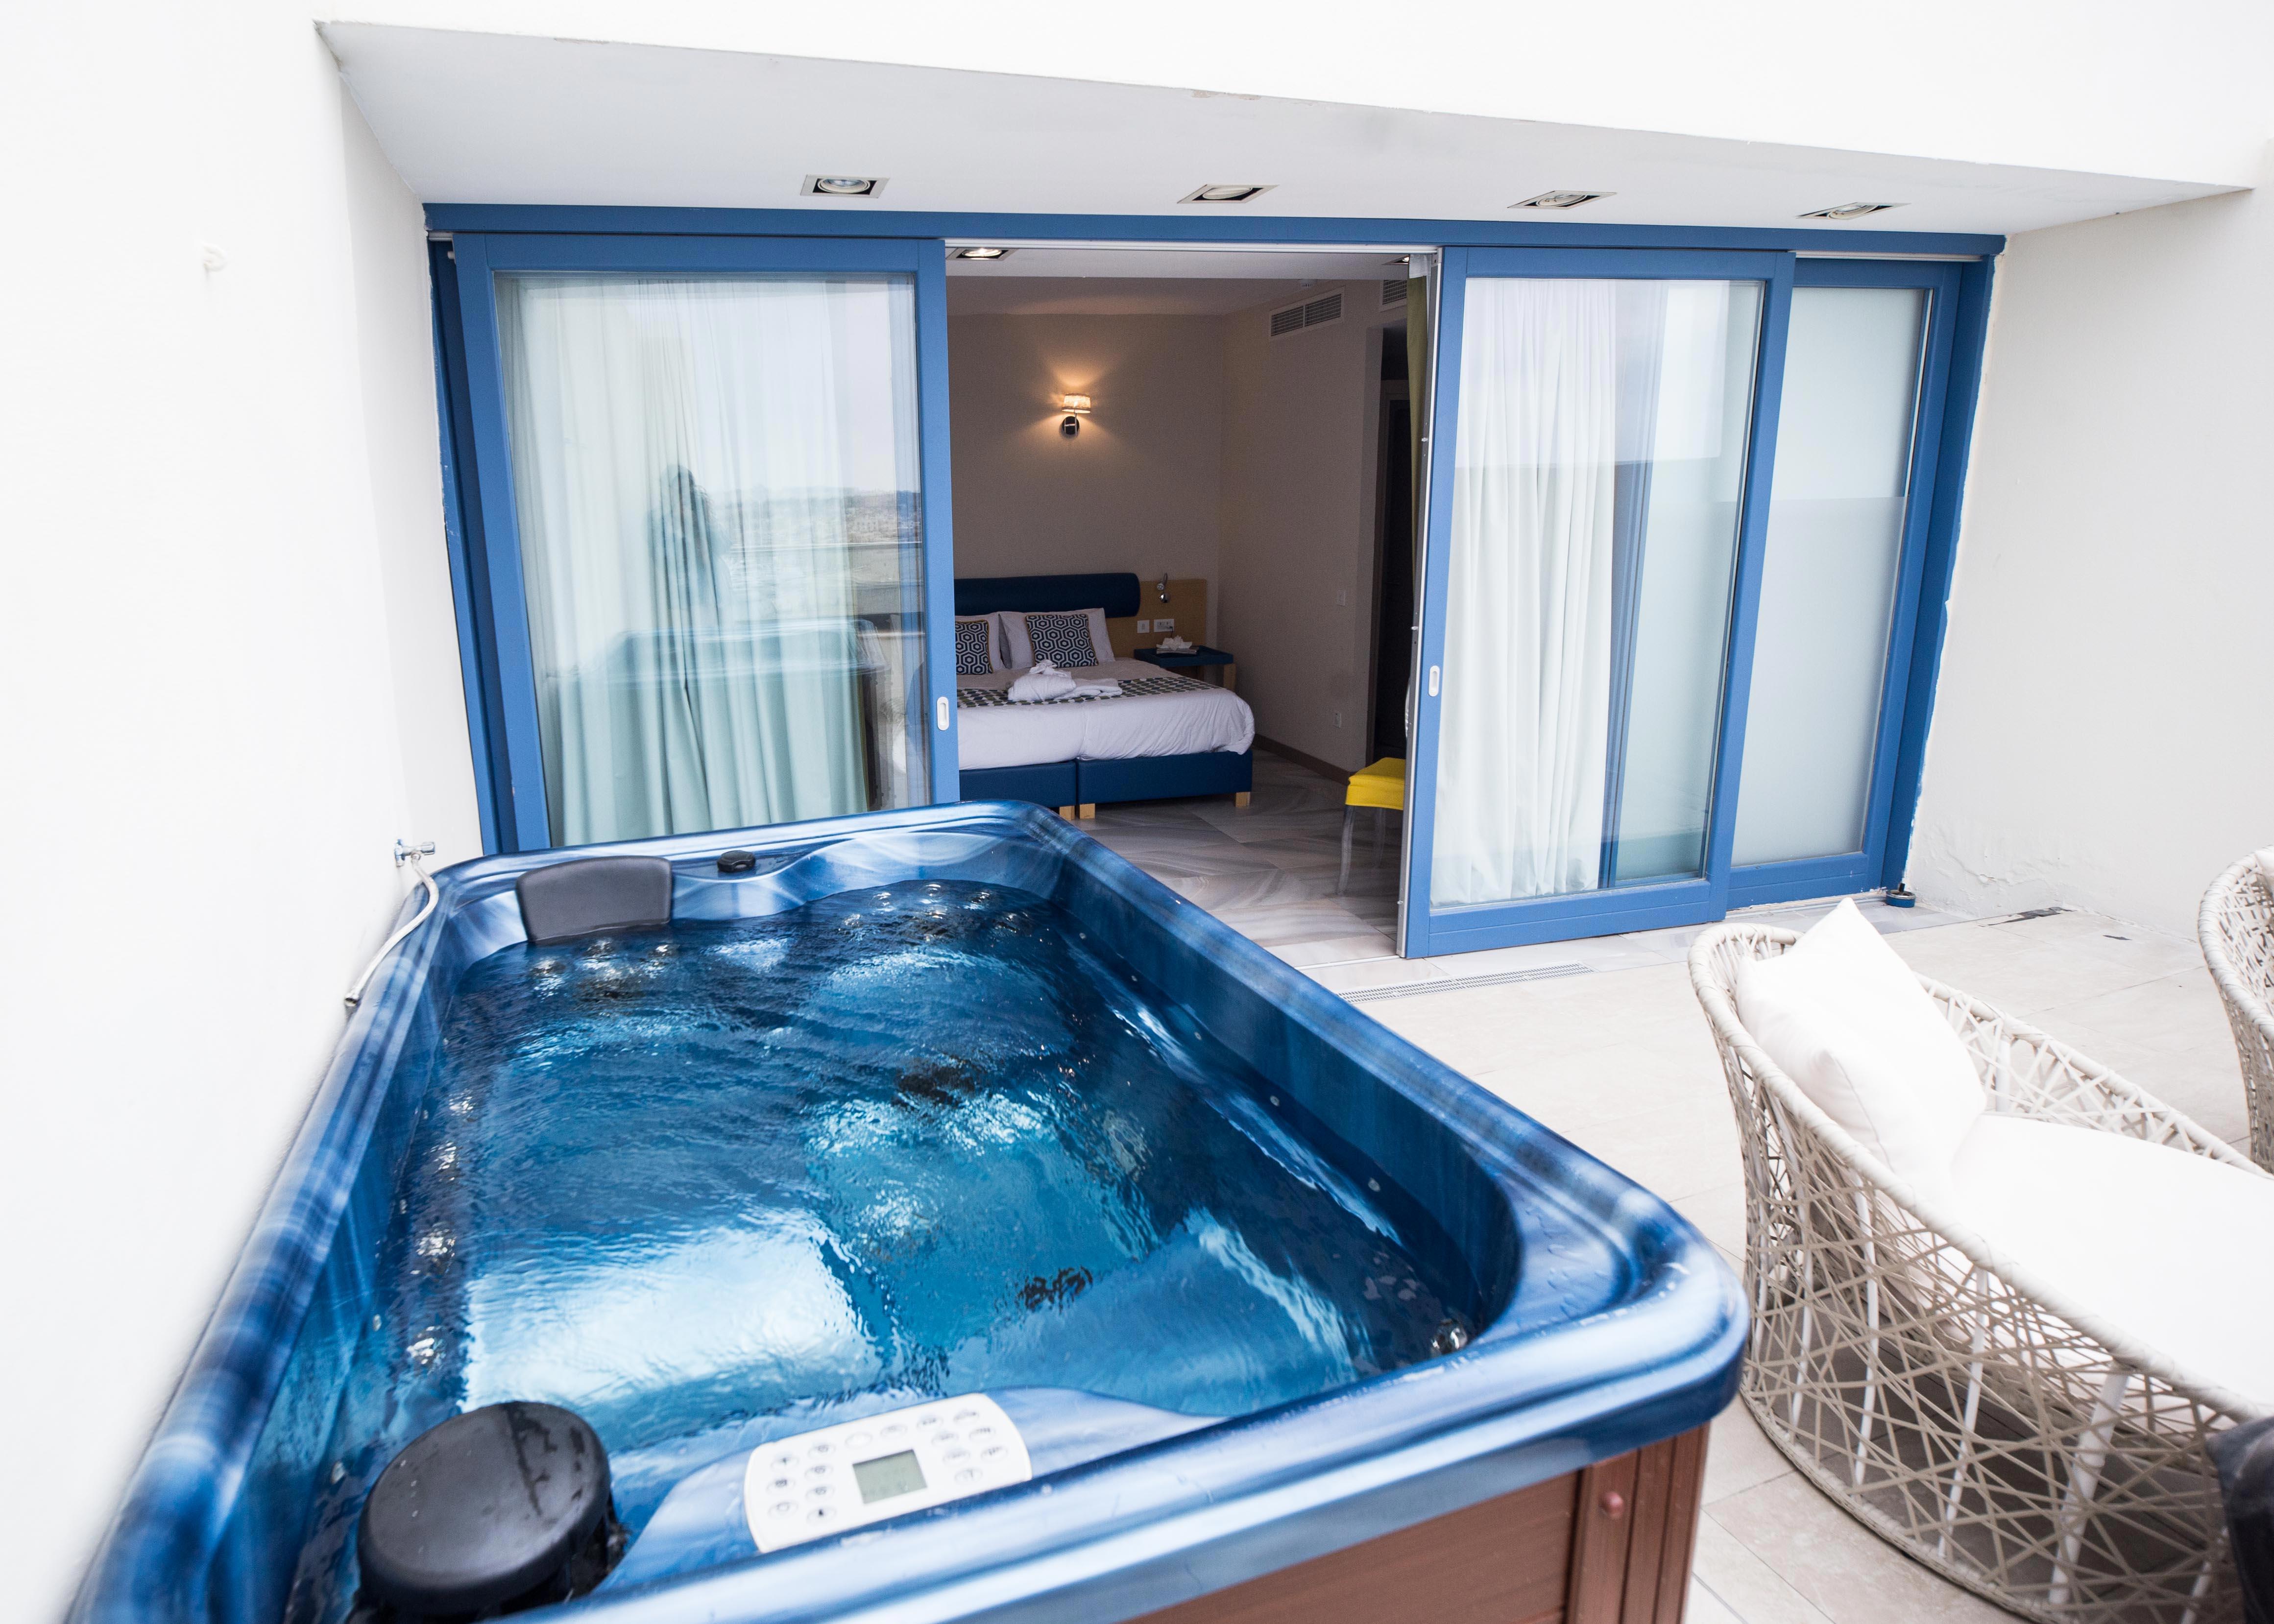 Jacuzzi spa bồn, khách sạn đẹp với cảnh Malta, The British Suites